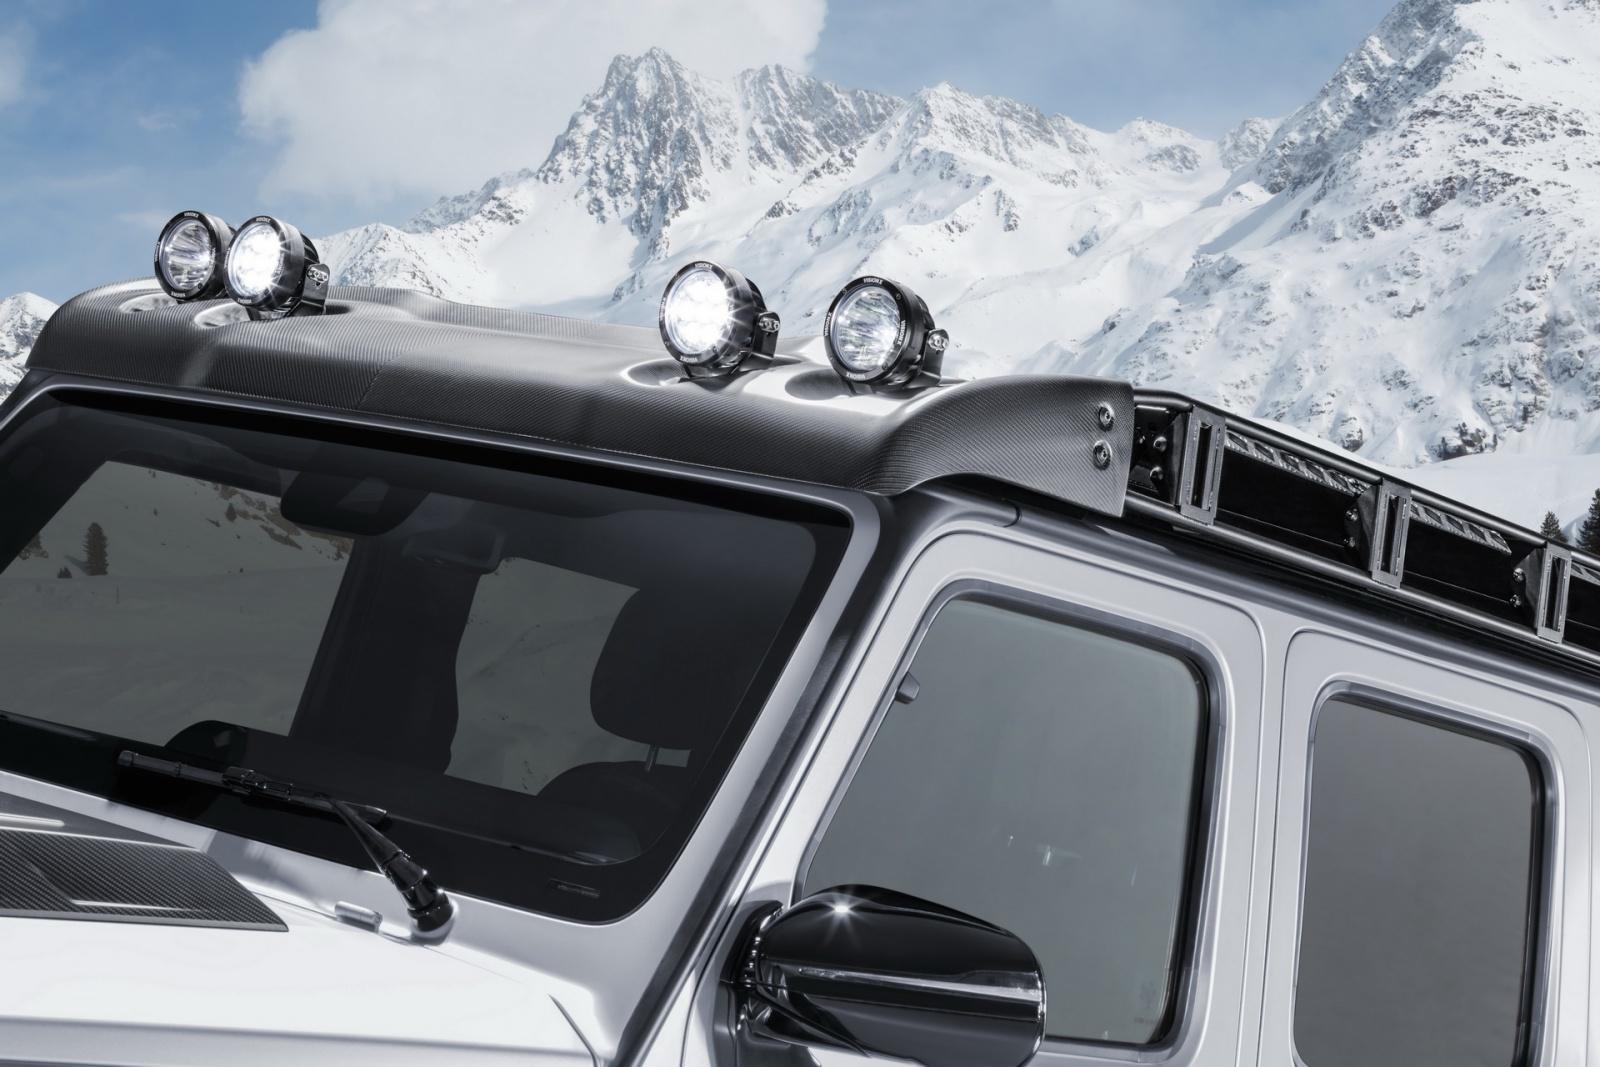 Название: Brabus-800-Adventure-XLP-16.jpg Просмотров: 691  Размер: 430.6 Кб